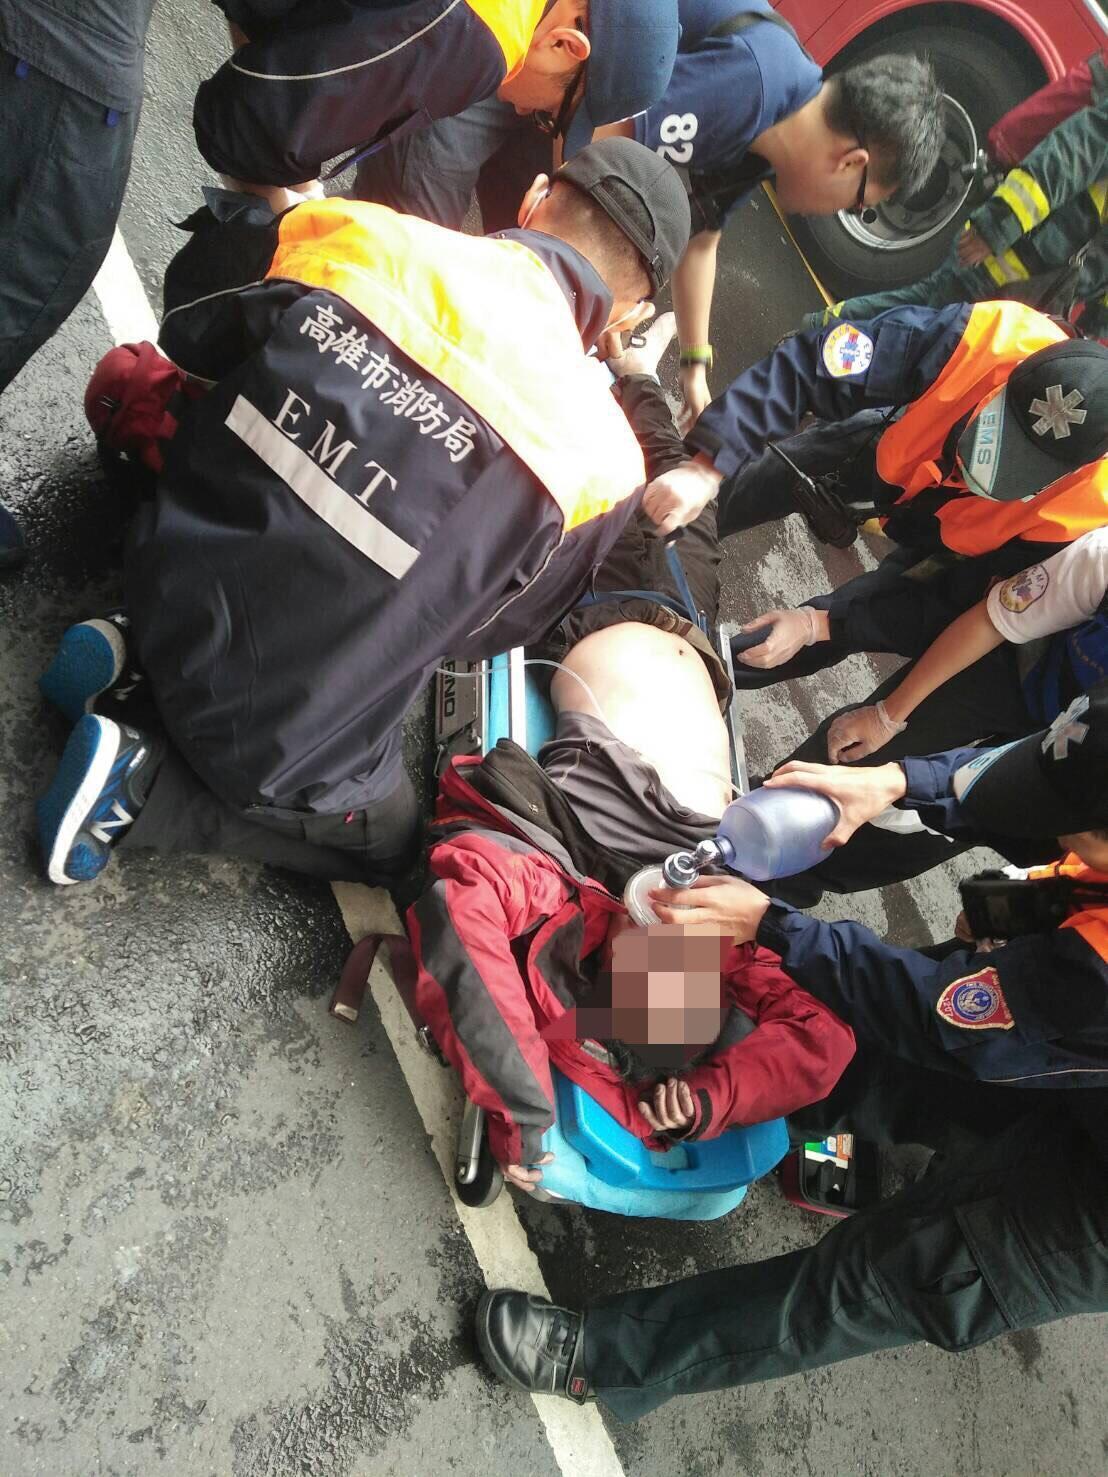 警消救出涉嫌縱火的邵男,當時他情緒激動,警方將其戒護送醫。(警消提供)